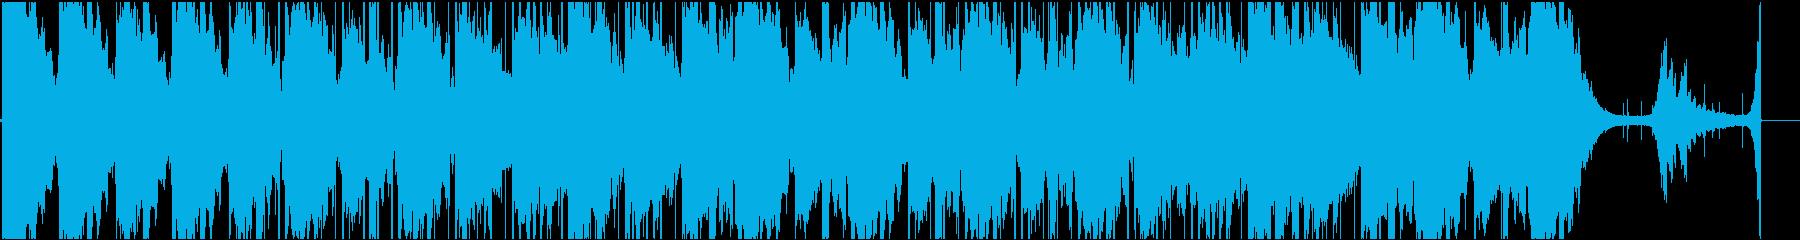 Chill系でアンビエントなヒーリング曲の再生済みの波形